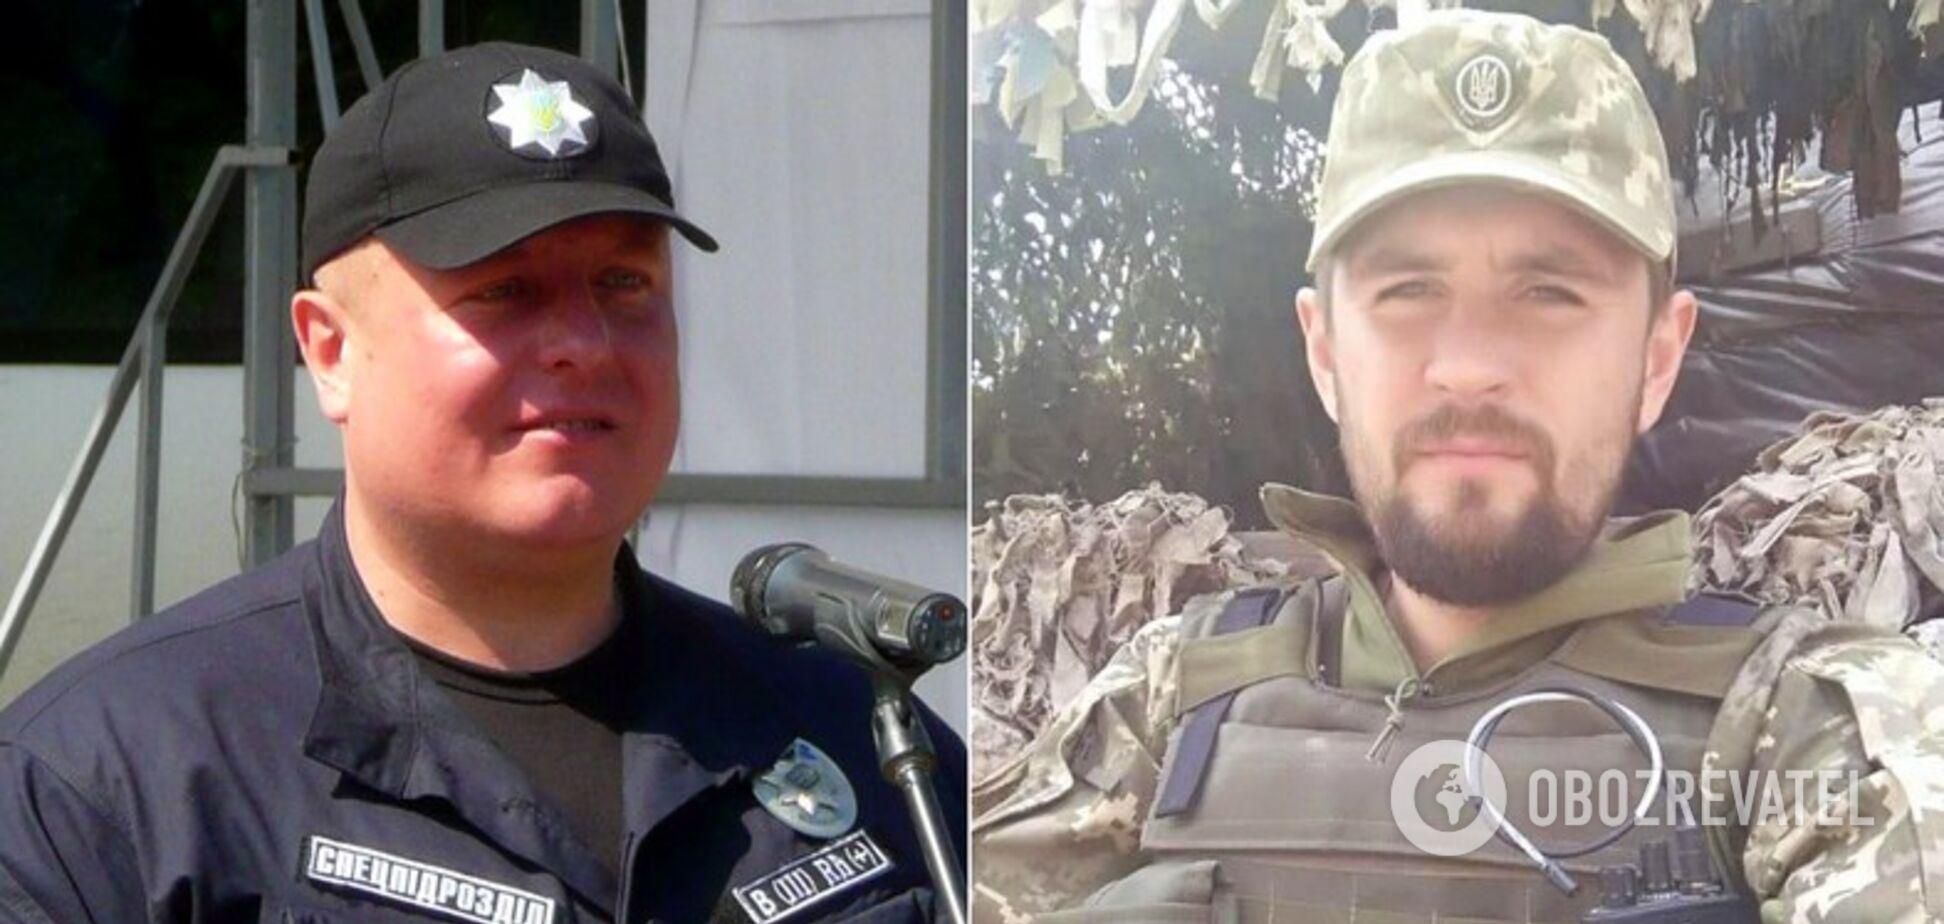 Легендарний комбат та колишній доброволець: що відомо про загиблих цього тижня на Донбасі воїнів ОС